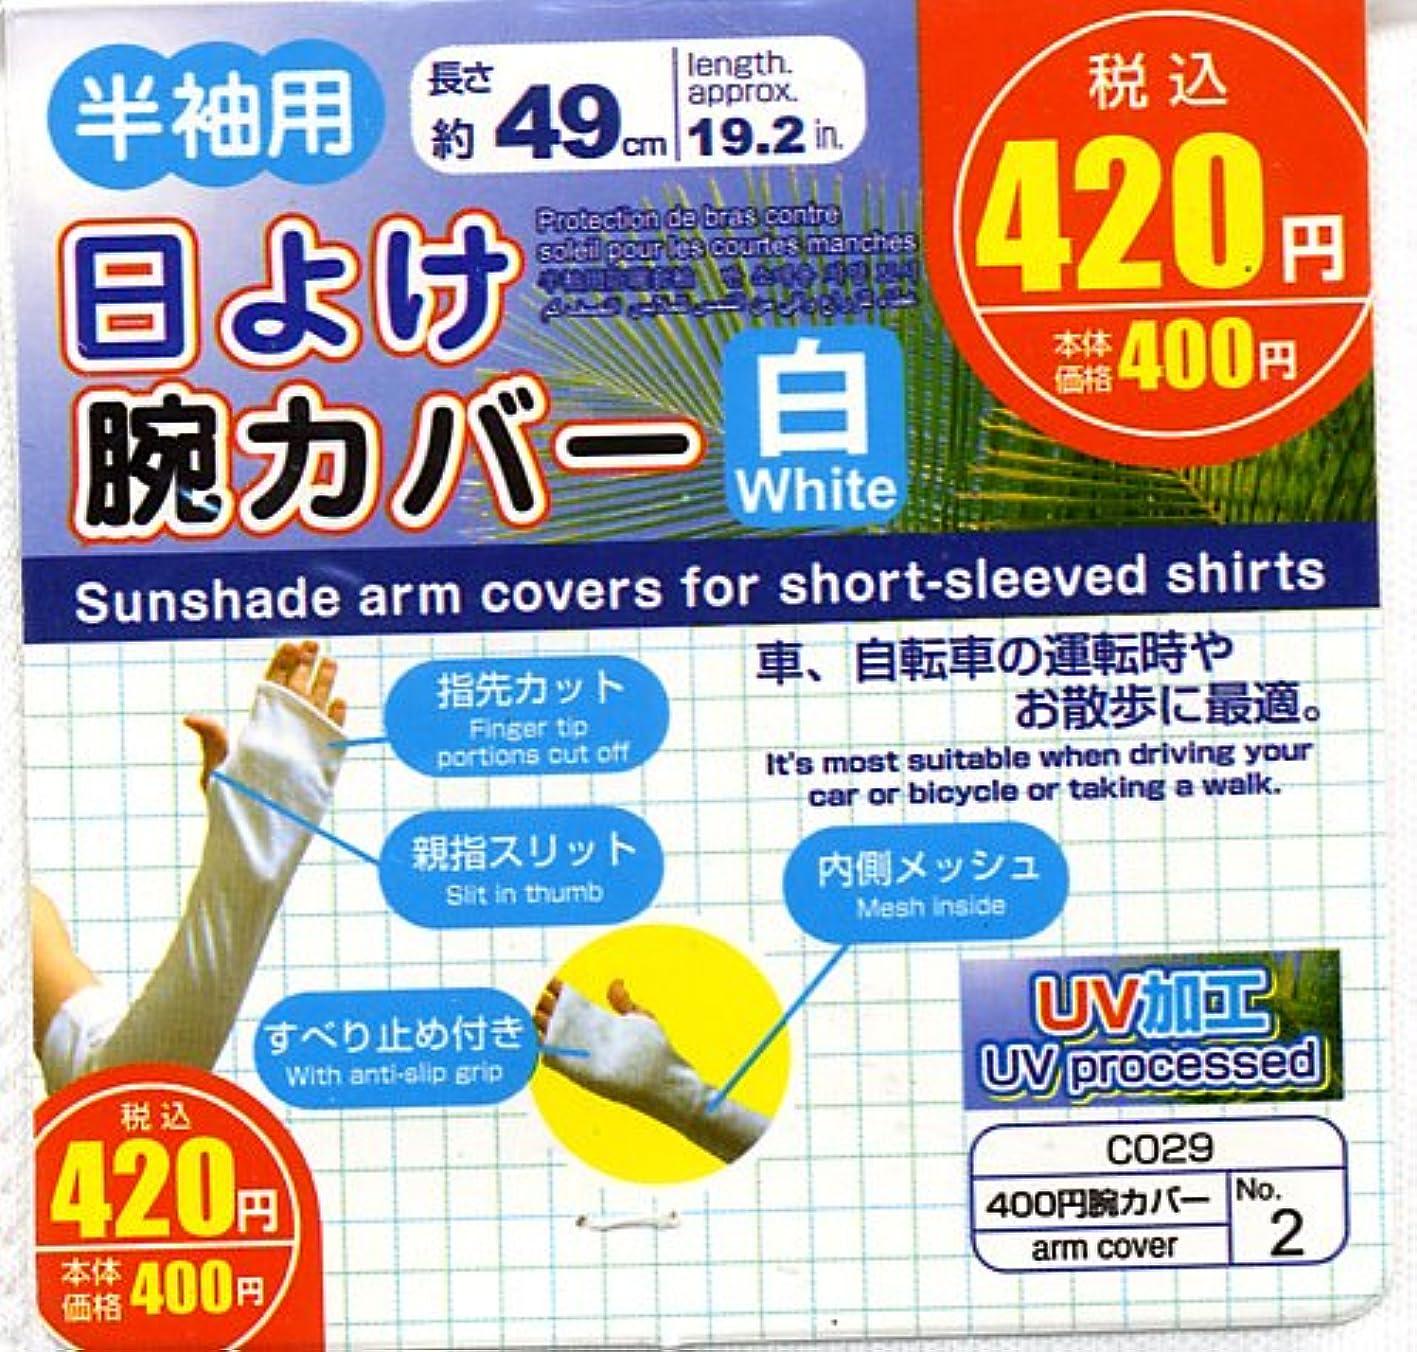 ヒゲ苦味ルール紫外線対策に!UVカットでお肌を紫外線から守る!日よけ腕カバー